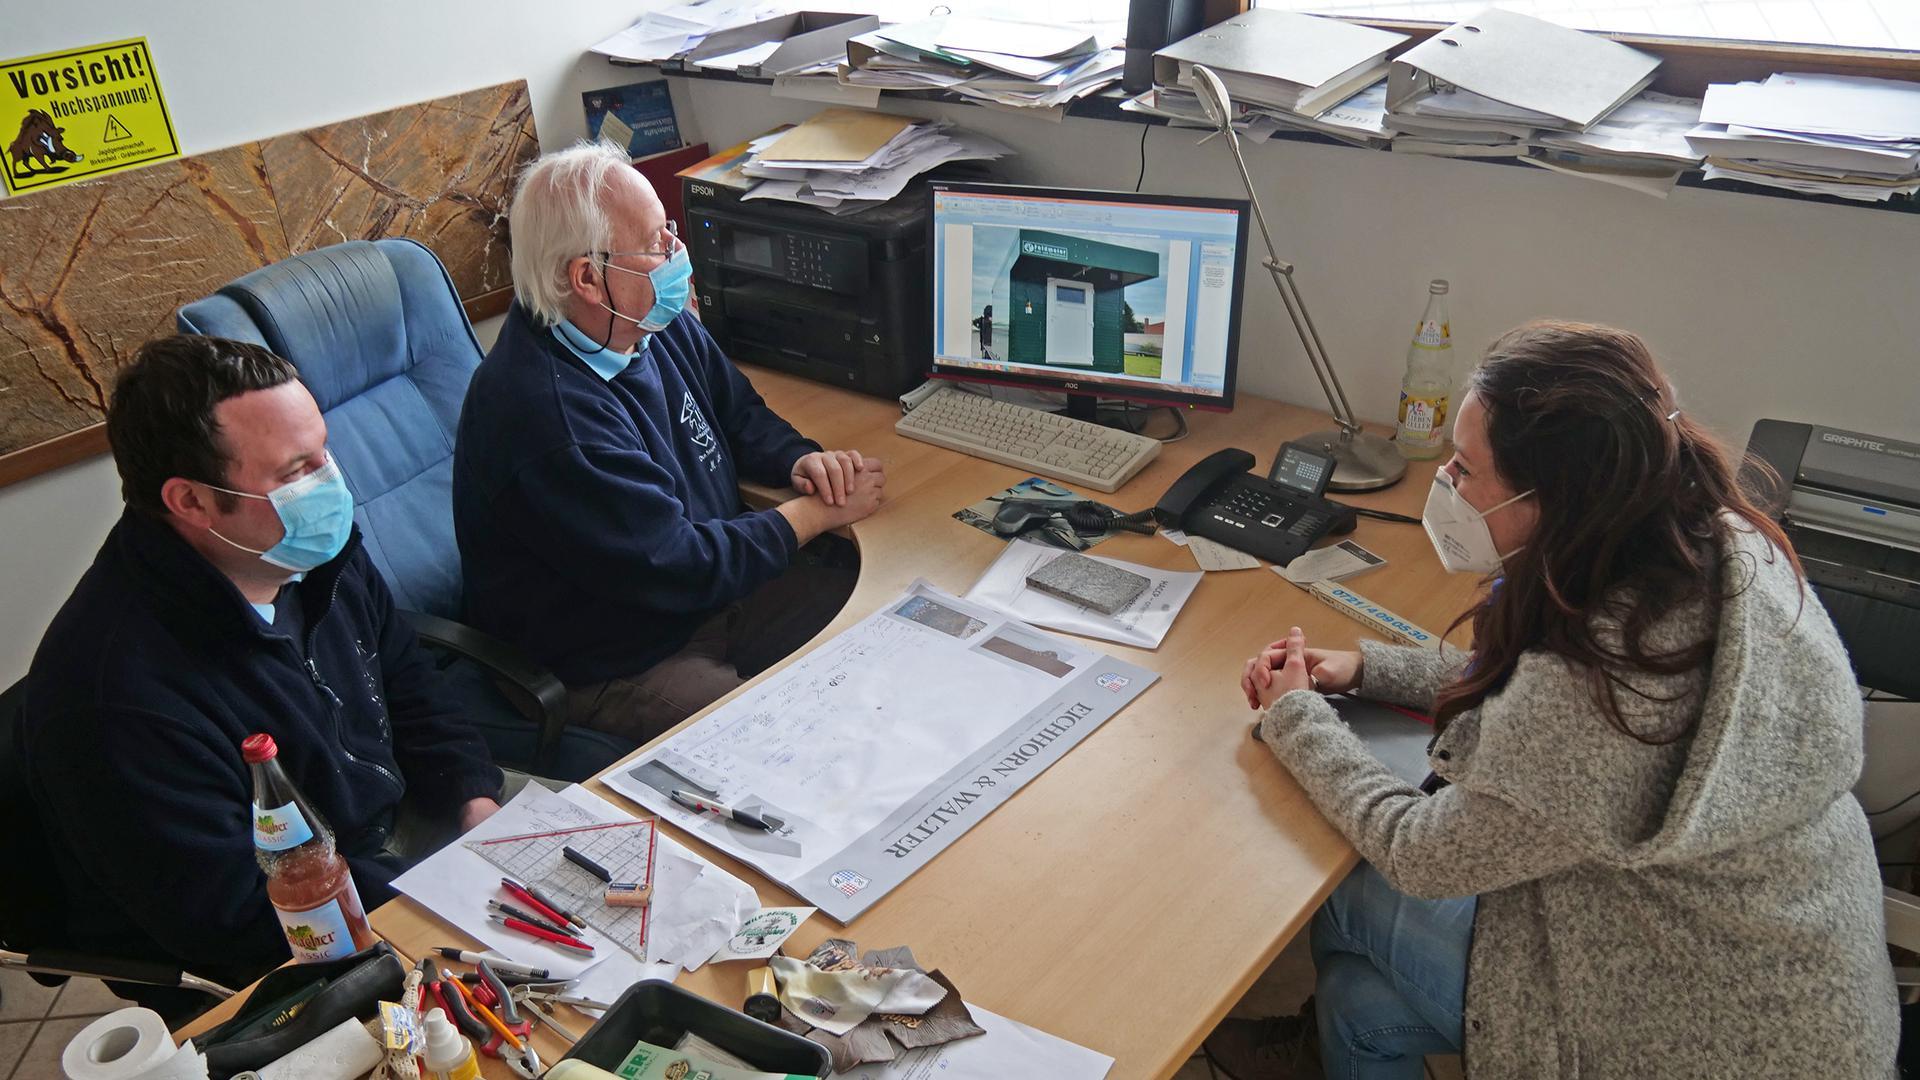 Sie wollen Hofschlachtungen auch im Enzkreis wieder ermöglichen: die Unternehmer Michael und Matthias Jäck (links). Unterstützt werden sie dabei von Marion Mack, Regionalmanagerin der Bio-Musterregion